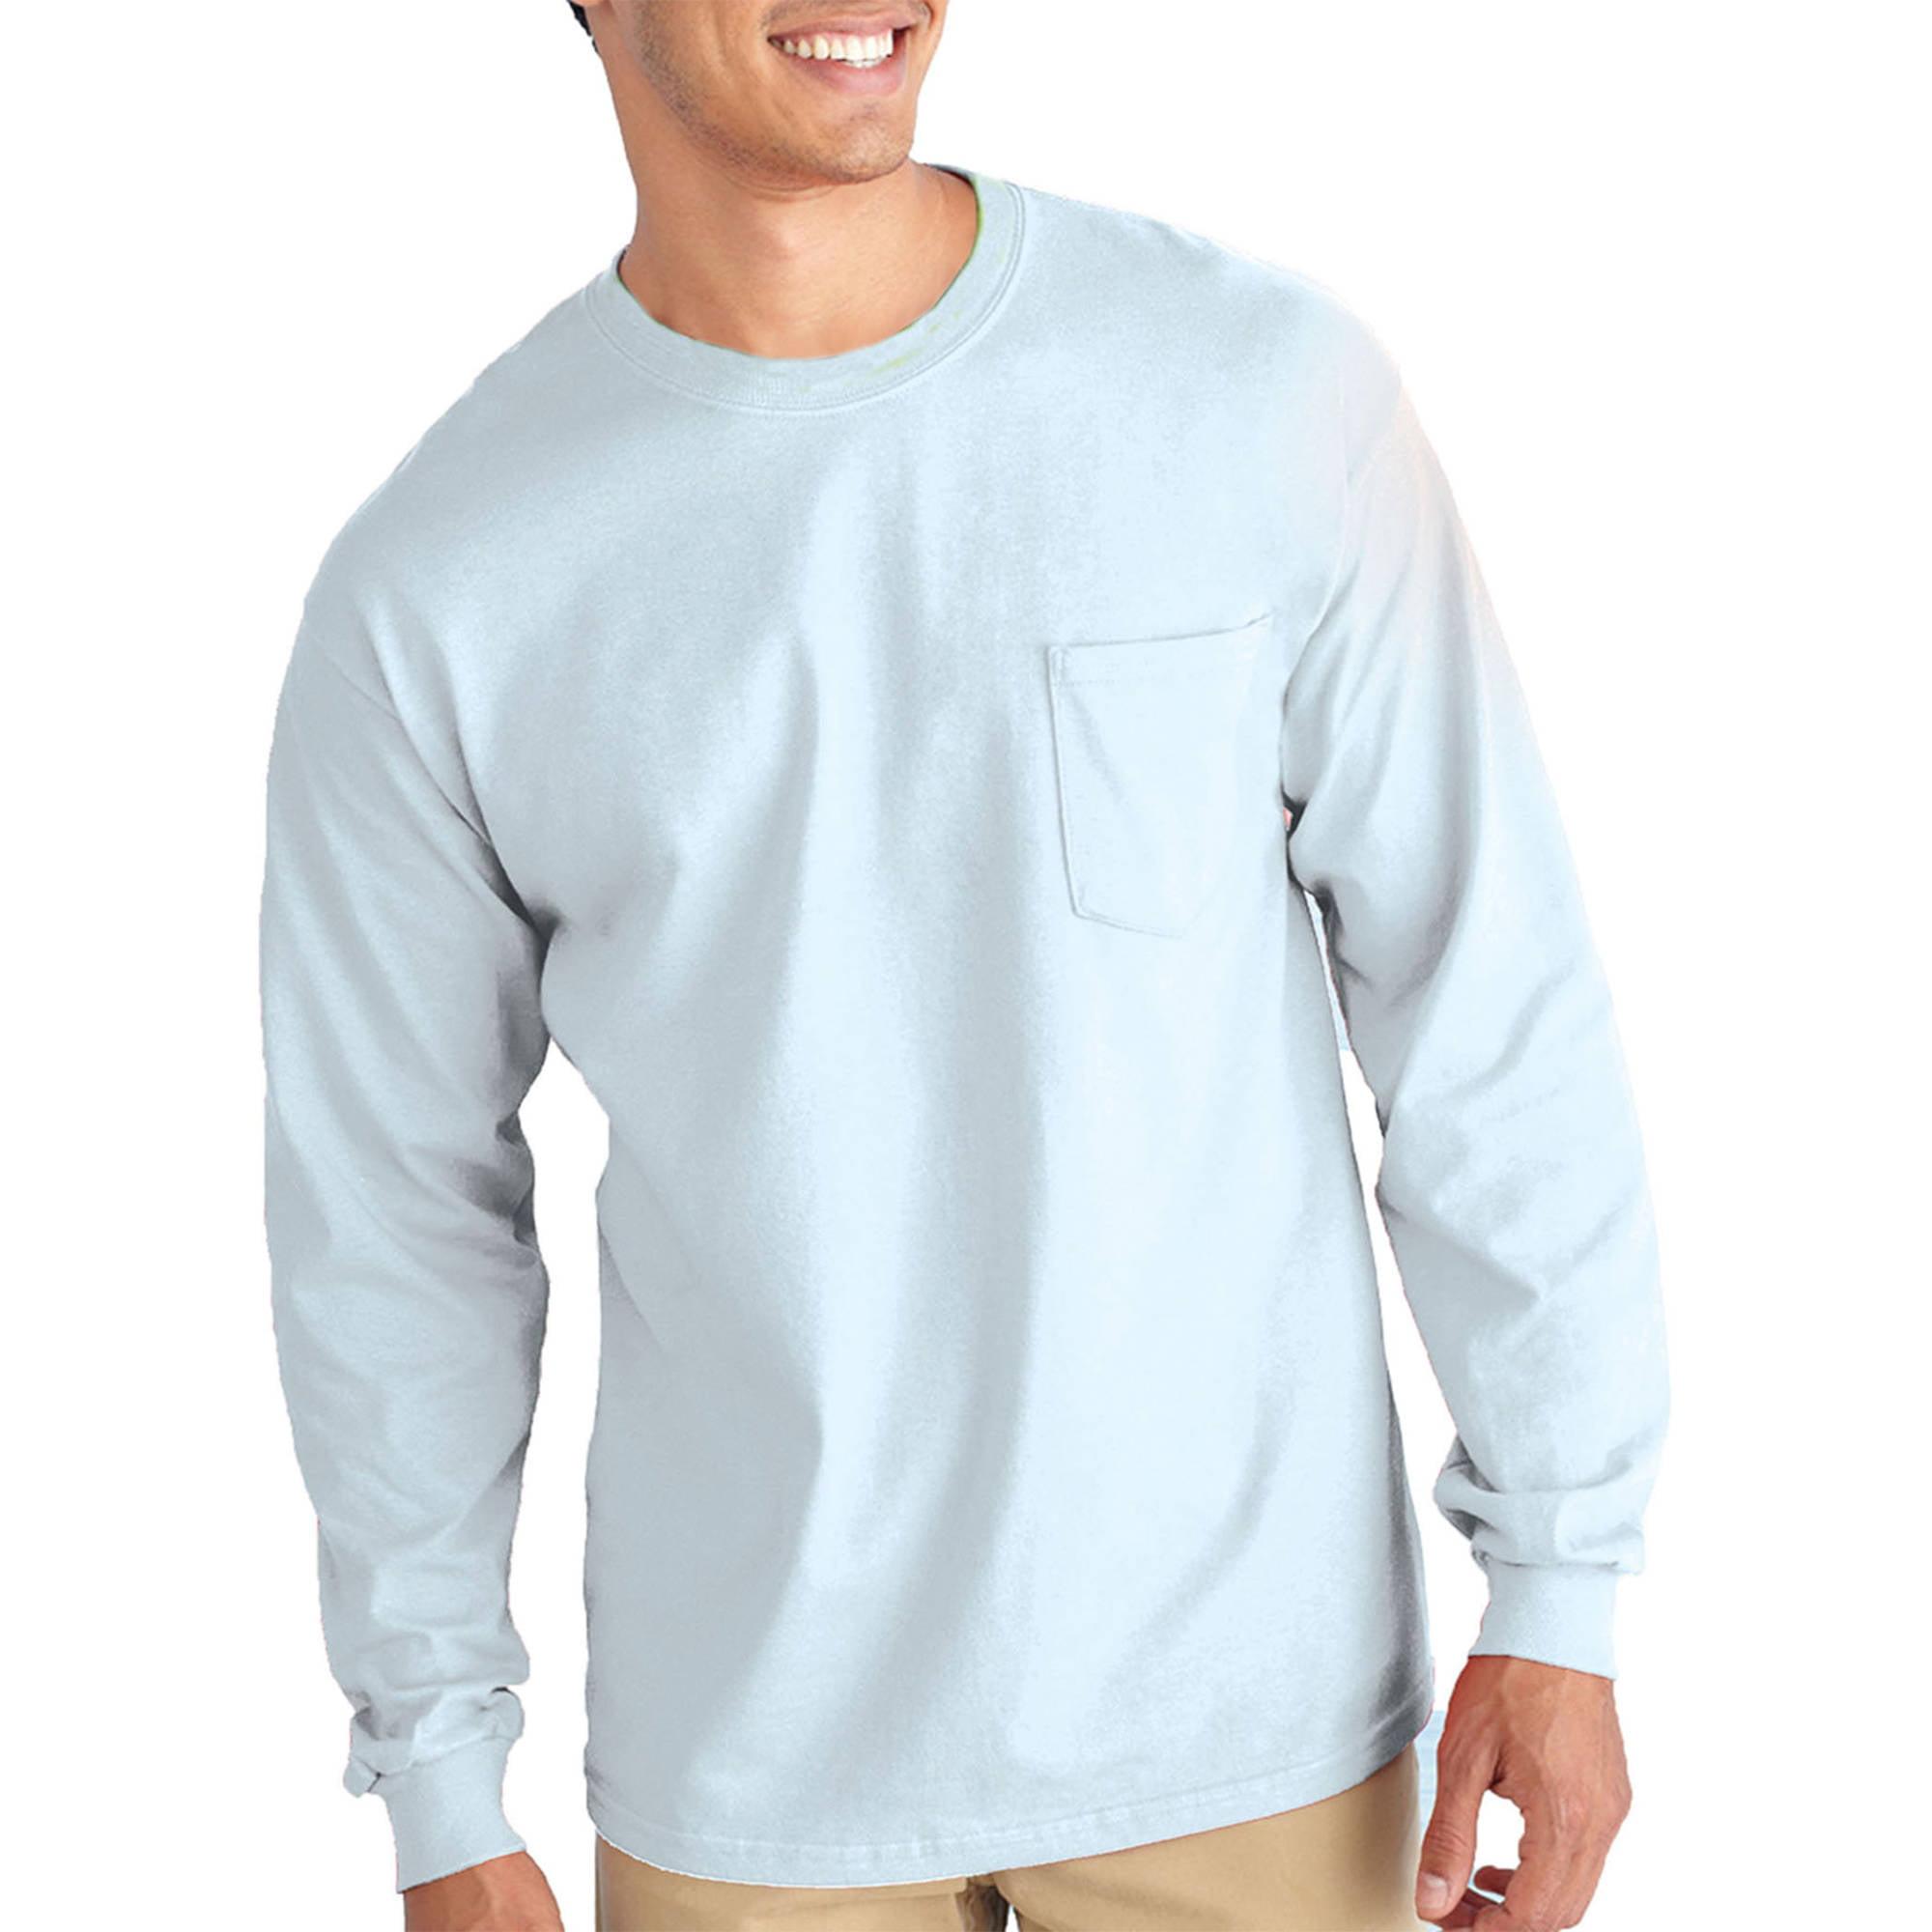 Gildan Mens Classic Long Sleeve Pocket T-Shirt - Walmart.com